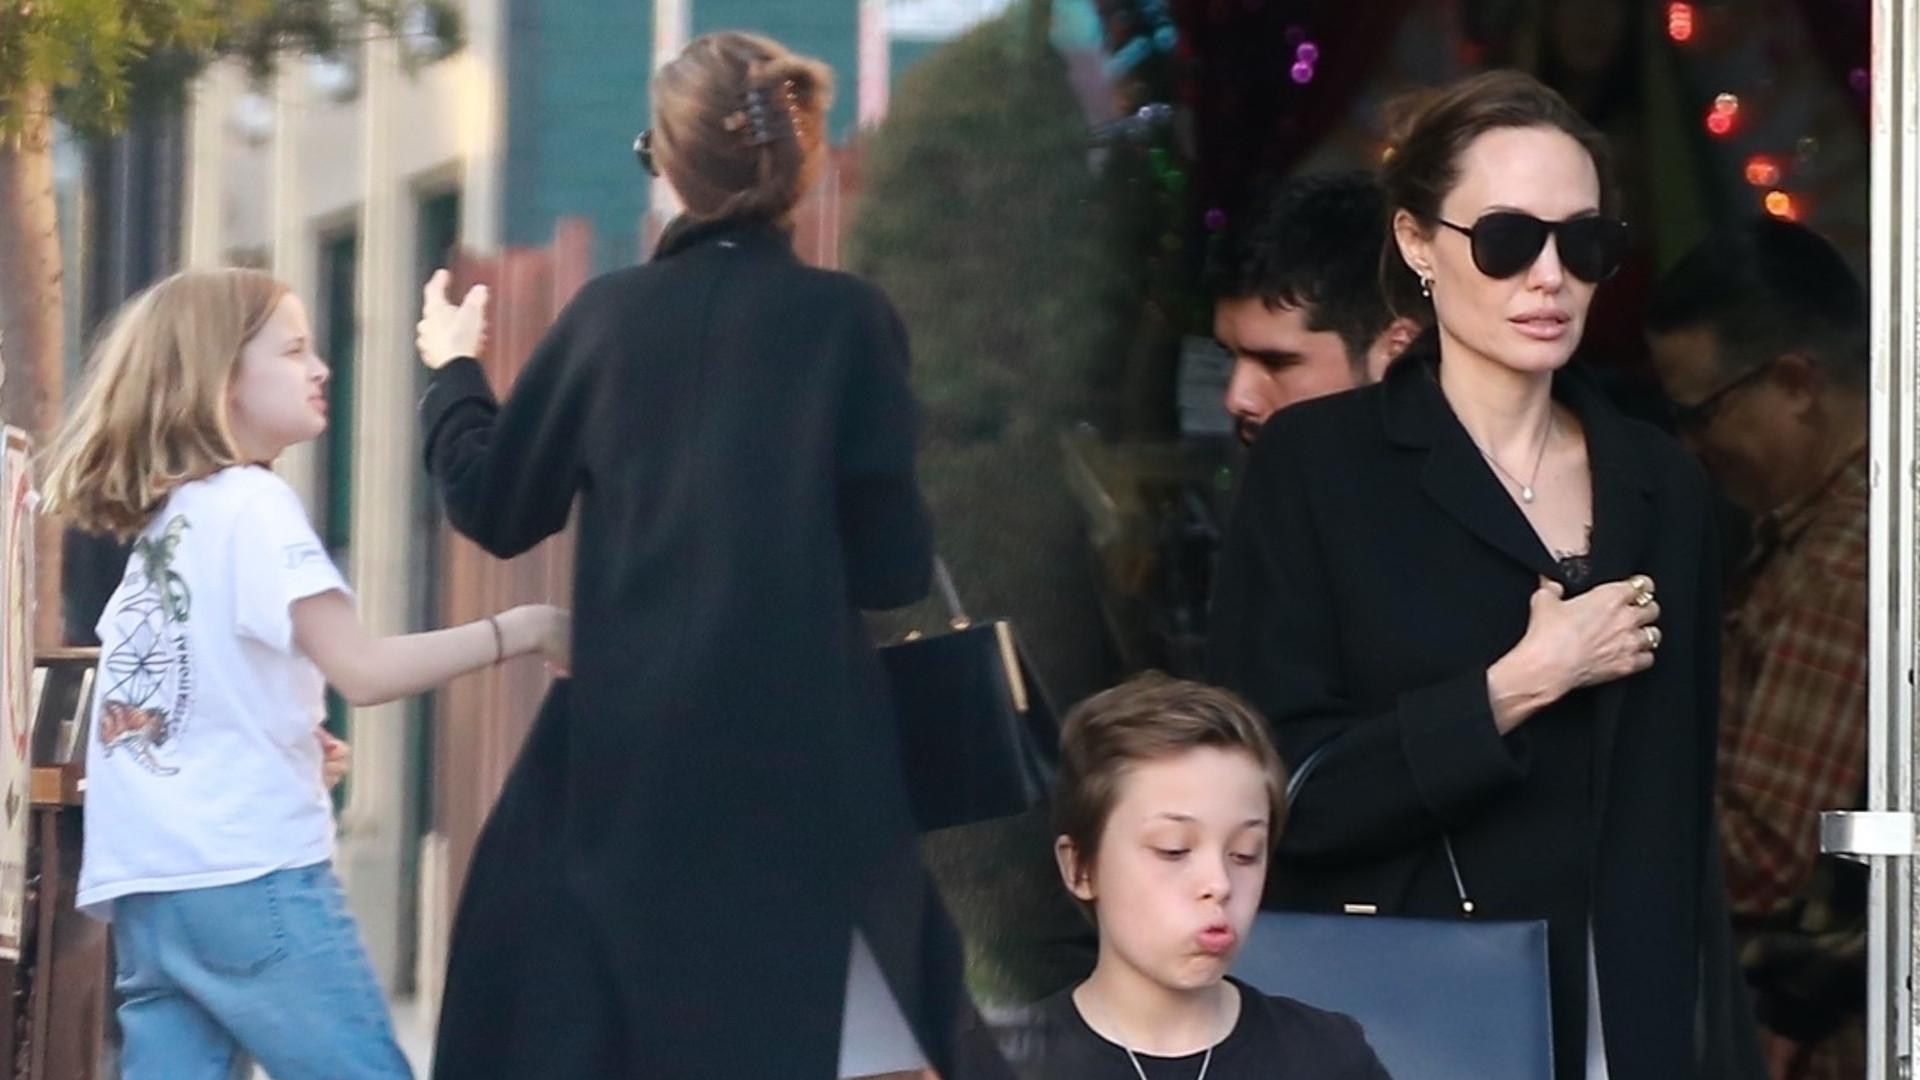 Angelina Jolie w długich kozakach na zakupach z bliźniakami (ZDJĘCIA)